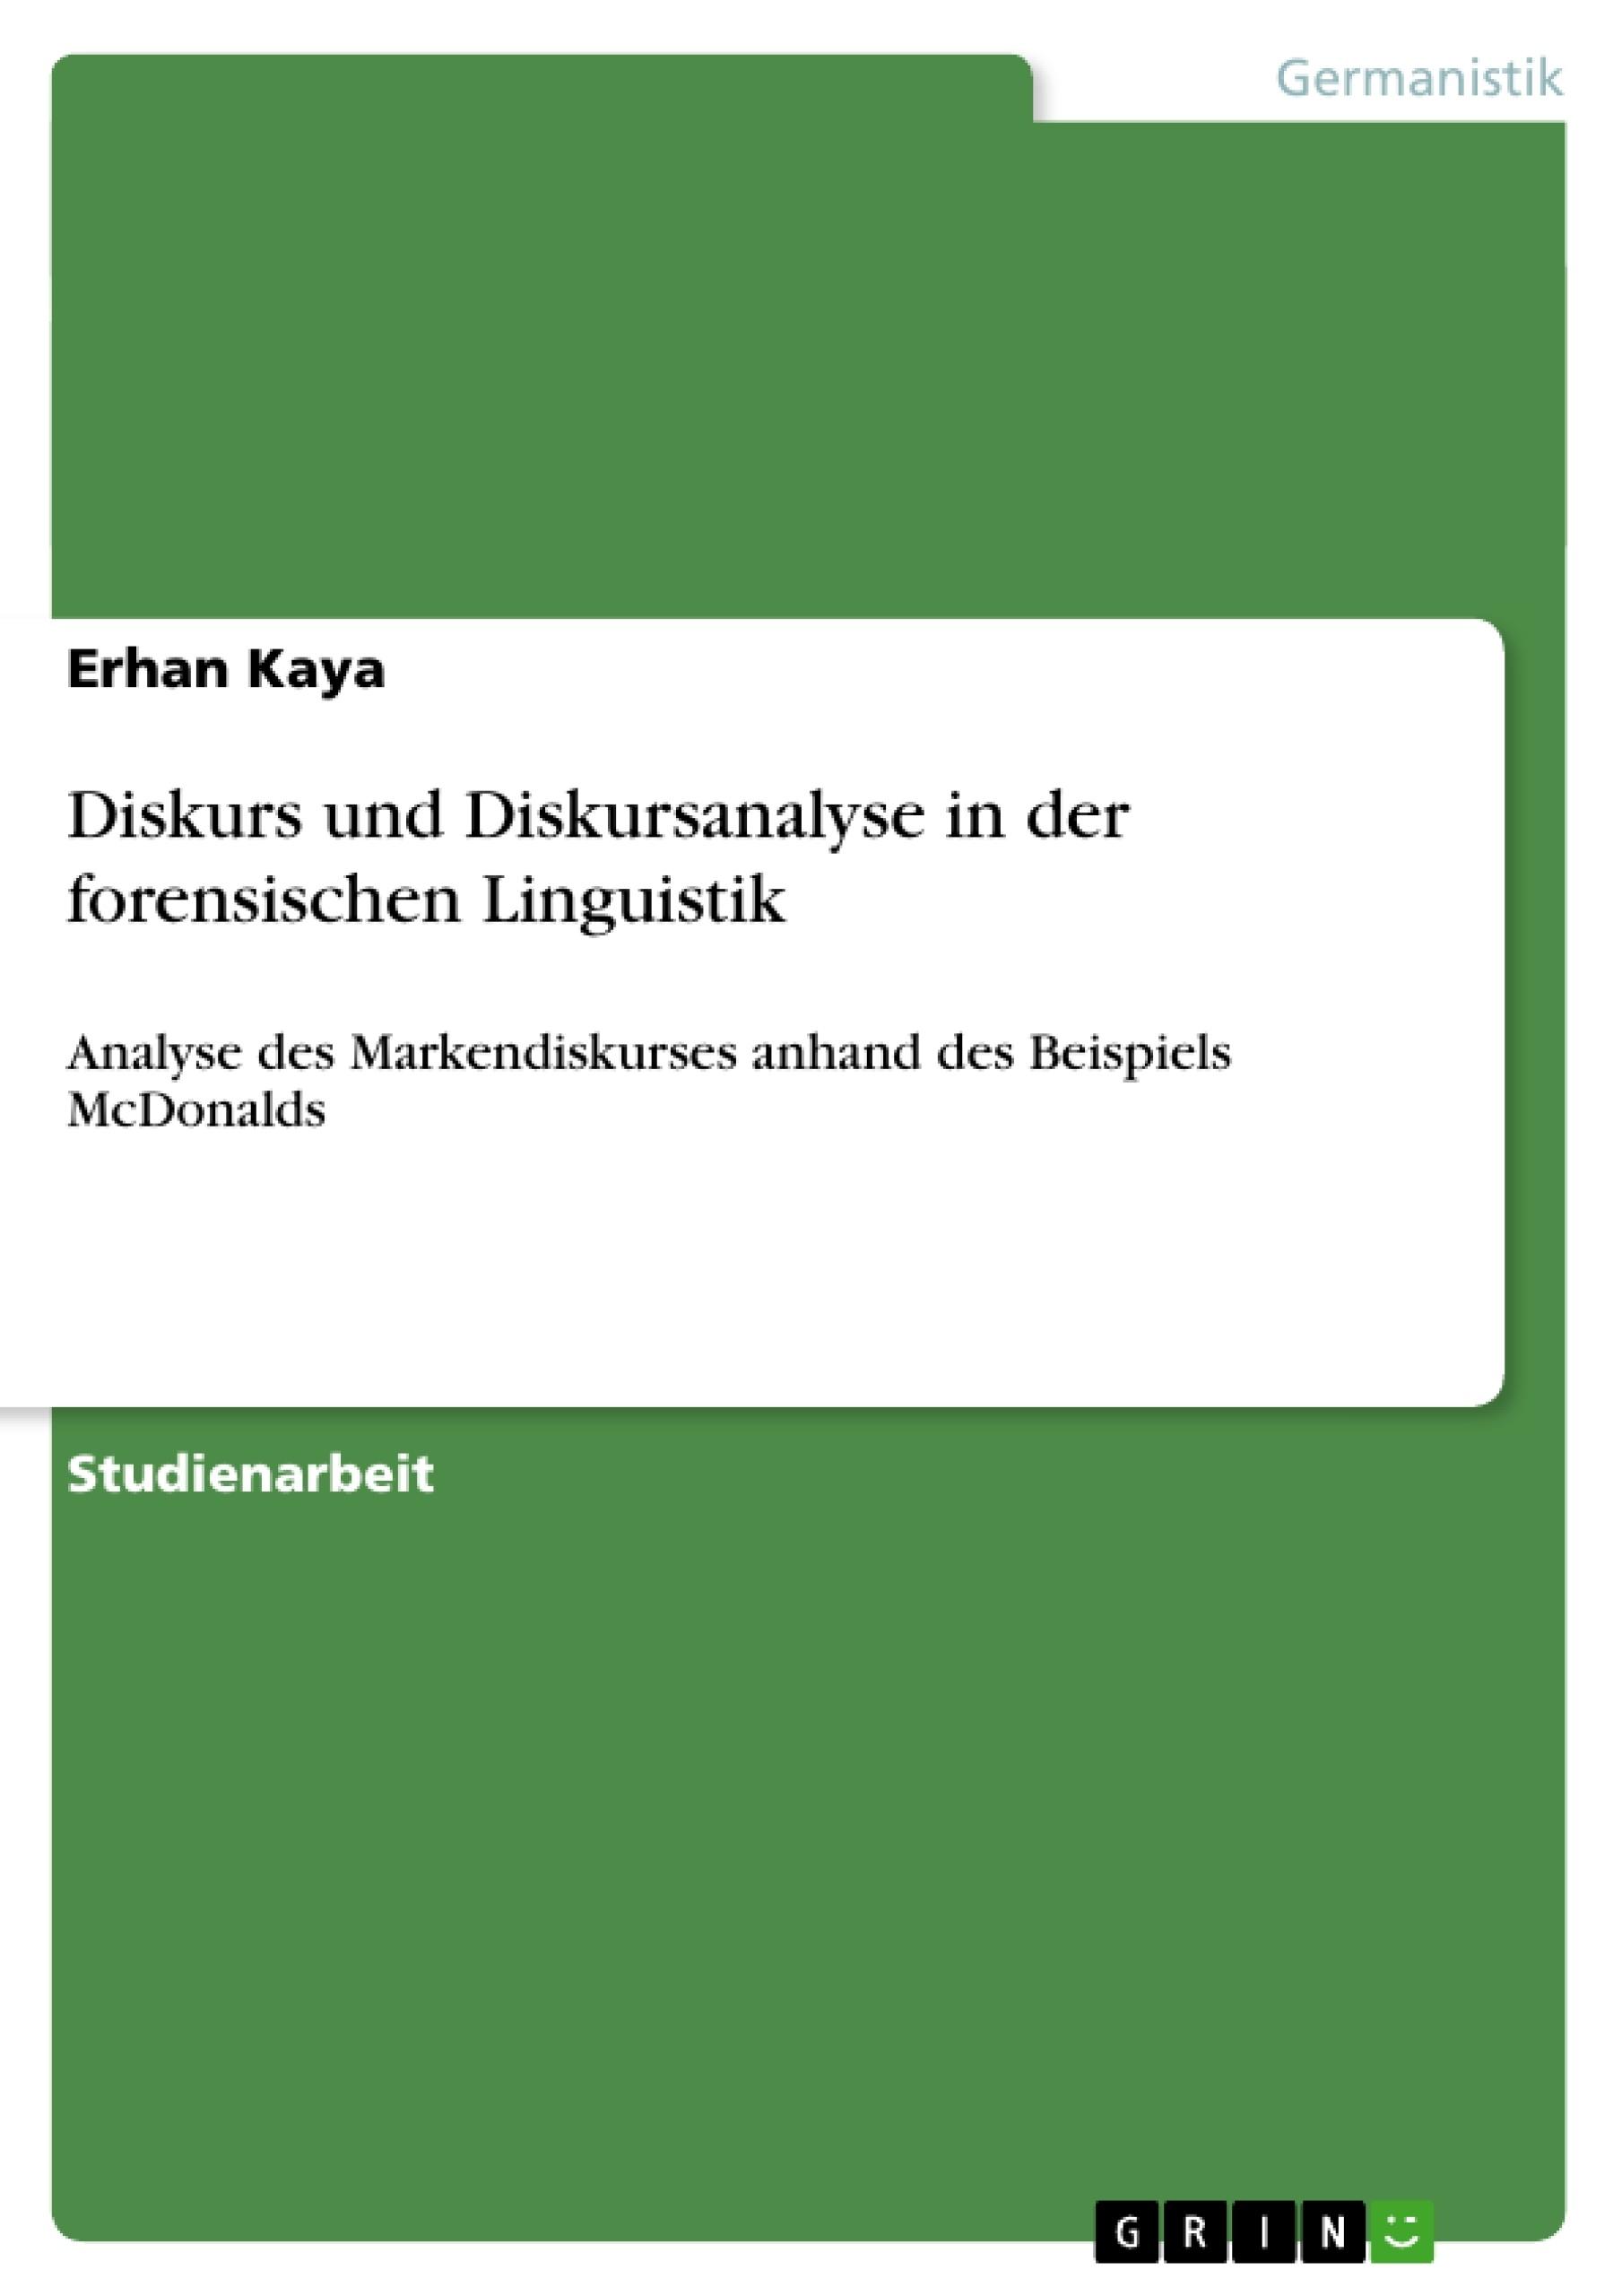 Titel: Diskurs und Diskursanalyse in der forensischen Linguistik